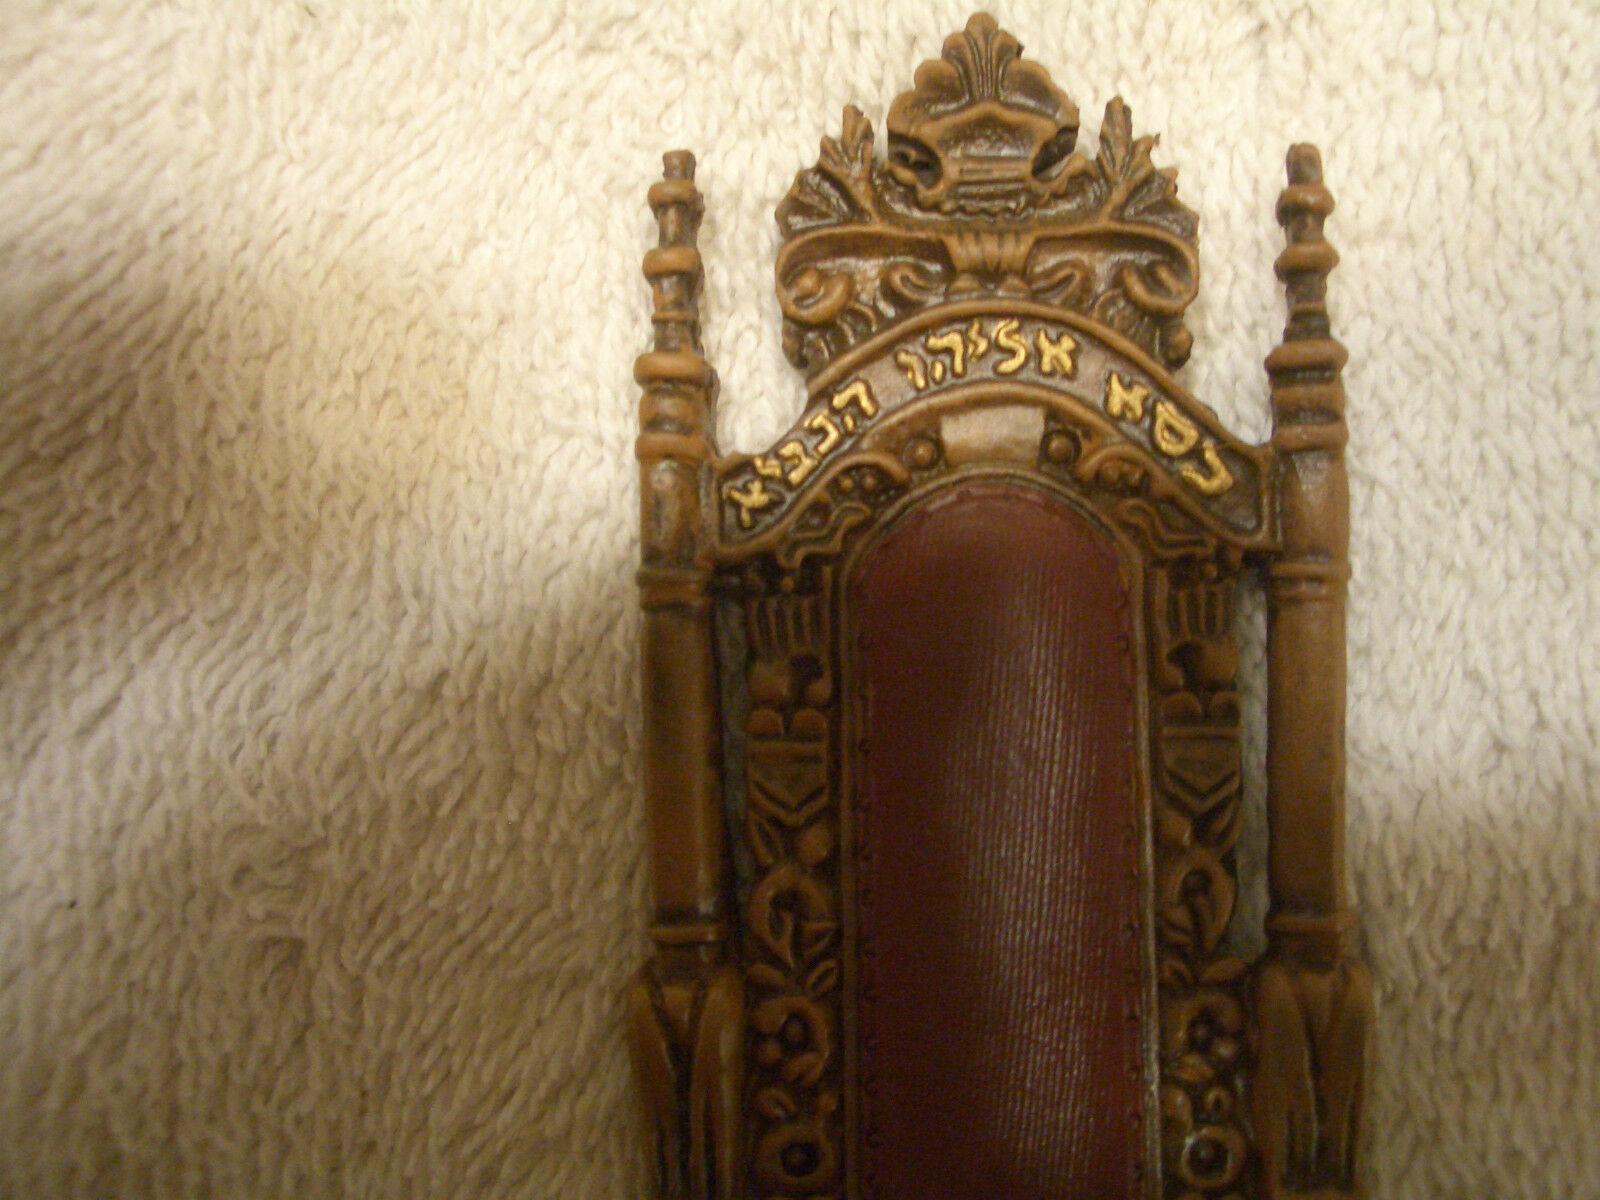 Casa De Muñecas Hebreo judío, Israel, Jerusalén, caso de 24 sillas de comedor dd-02il M ob